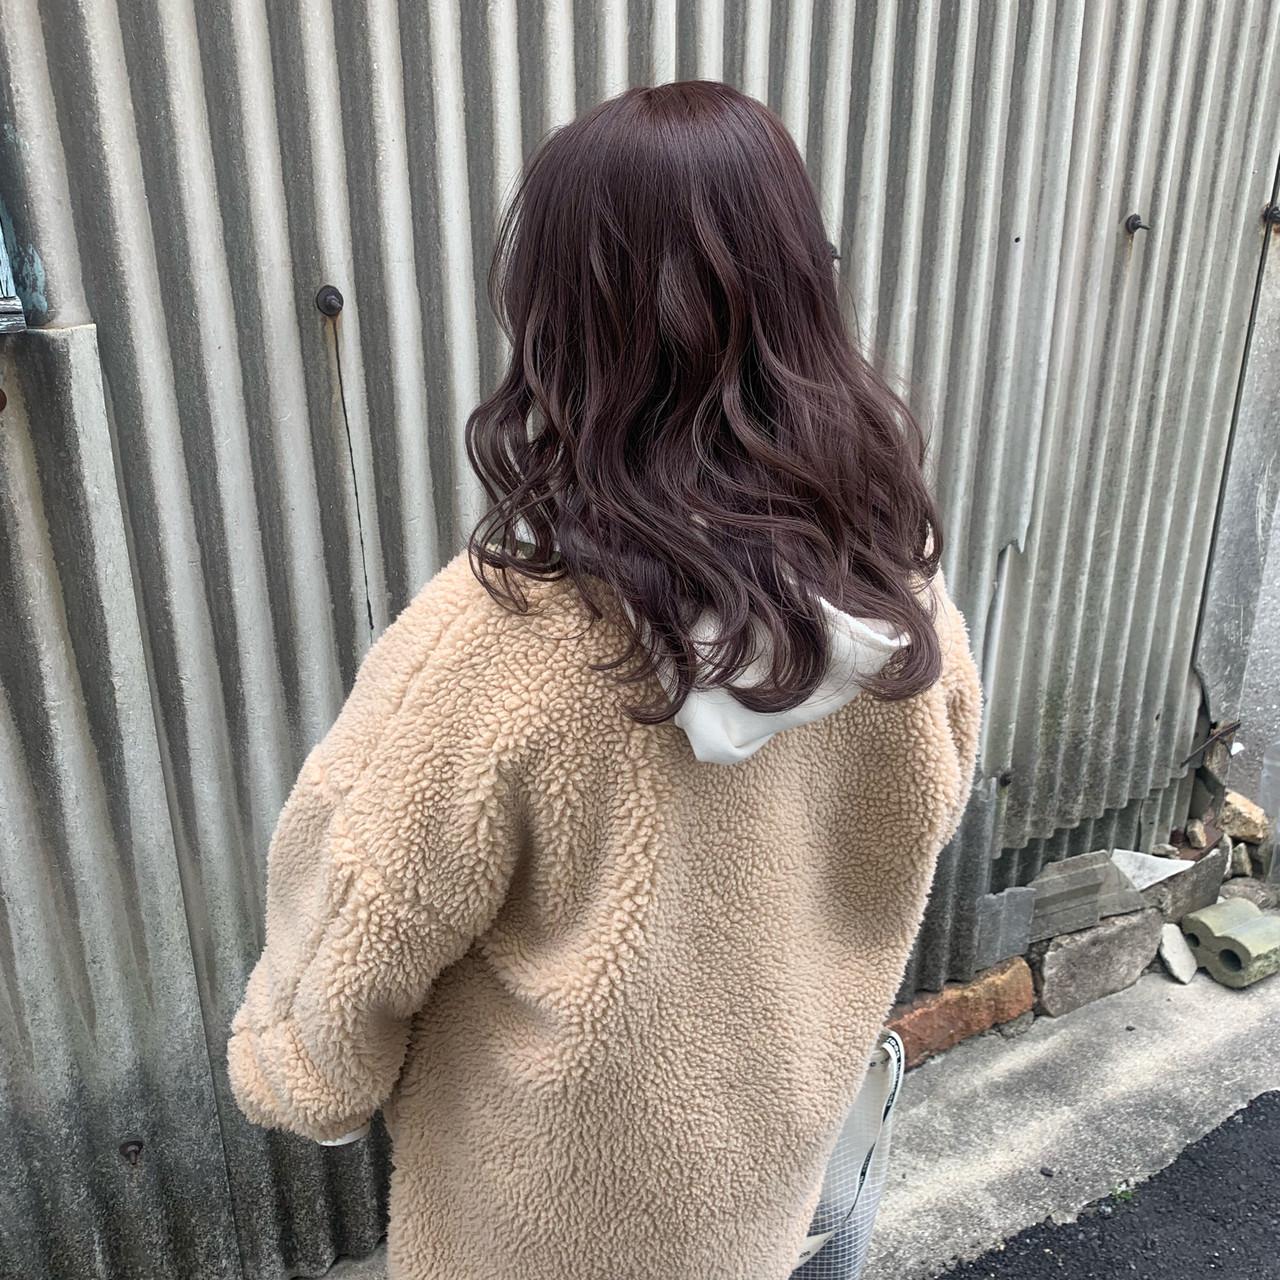 セミロング ベリーピンク ピンクアッシュ コリアンピンク ヘアスタイルや髪型の写真・画像 | 宮田 浩章 / oli